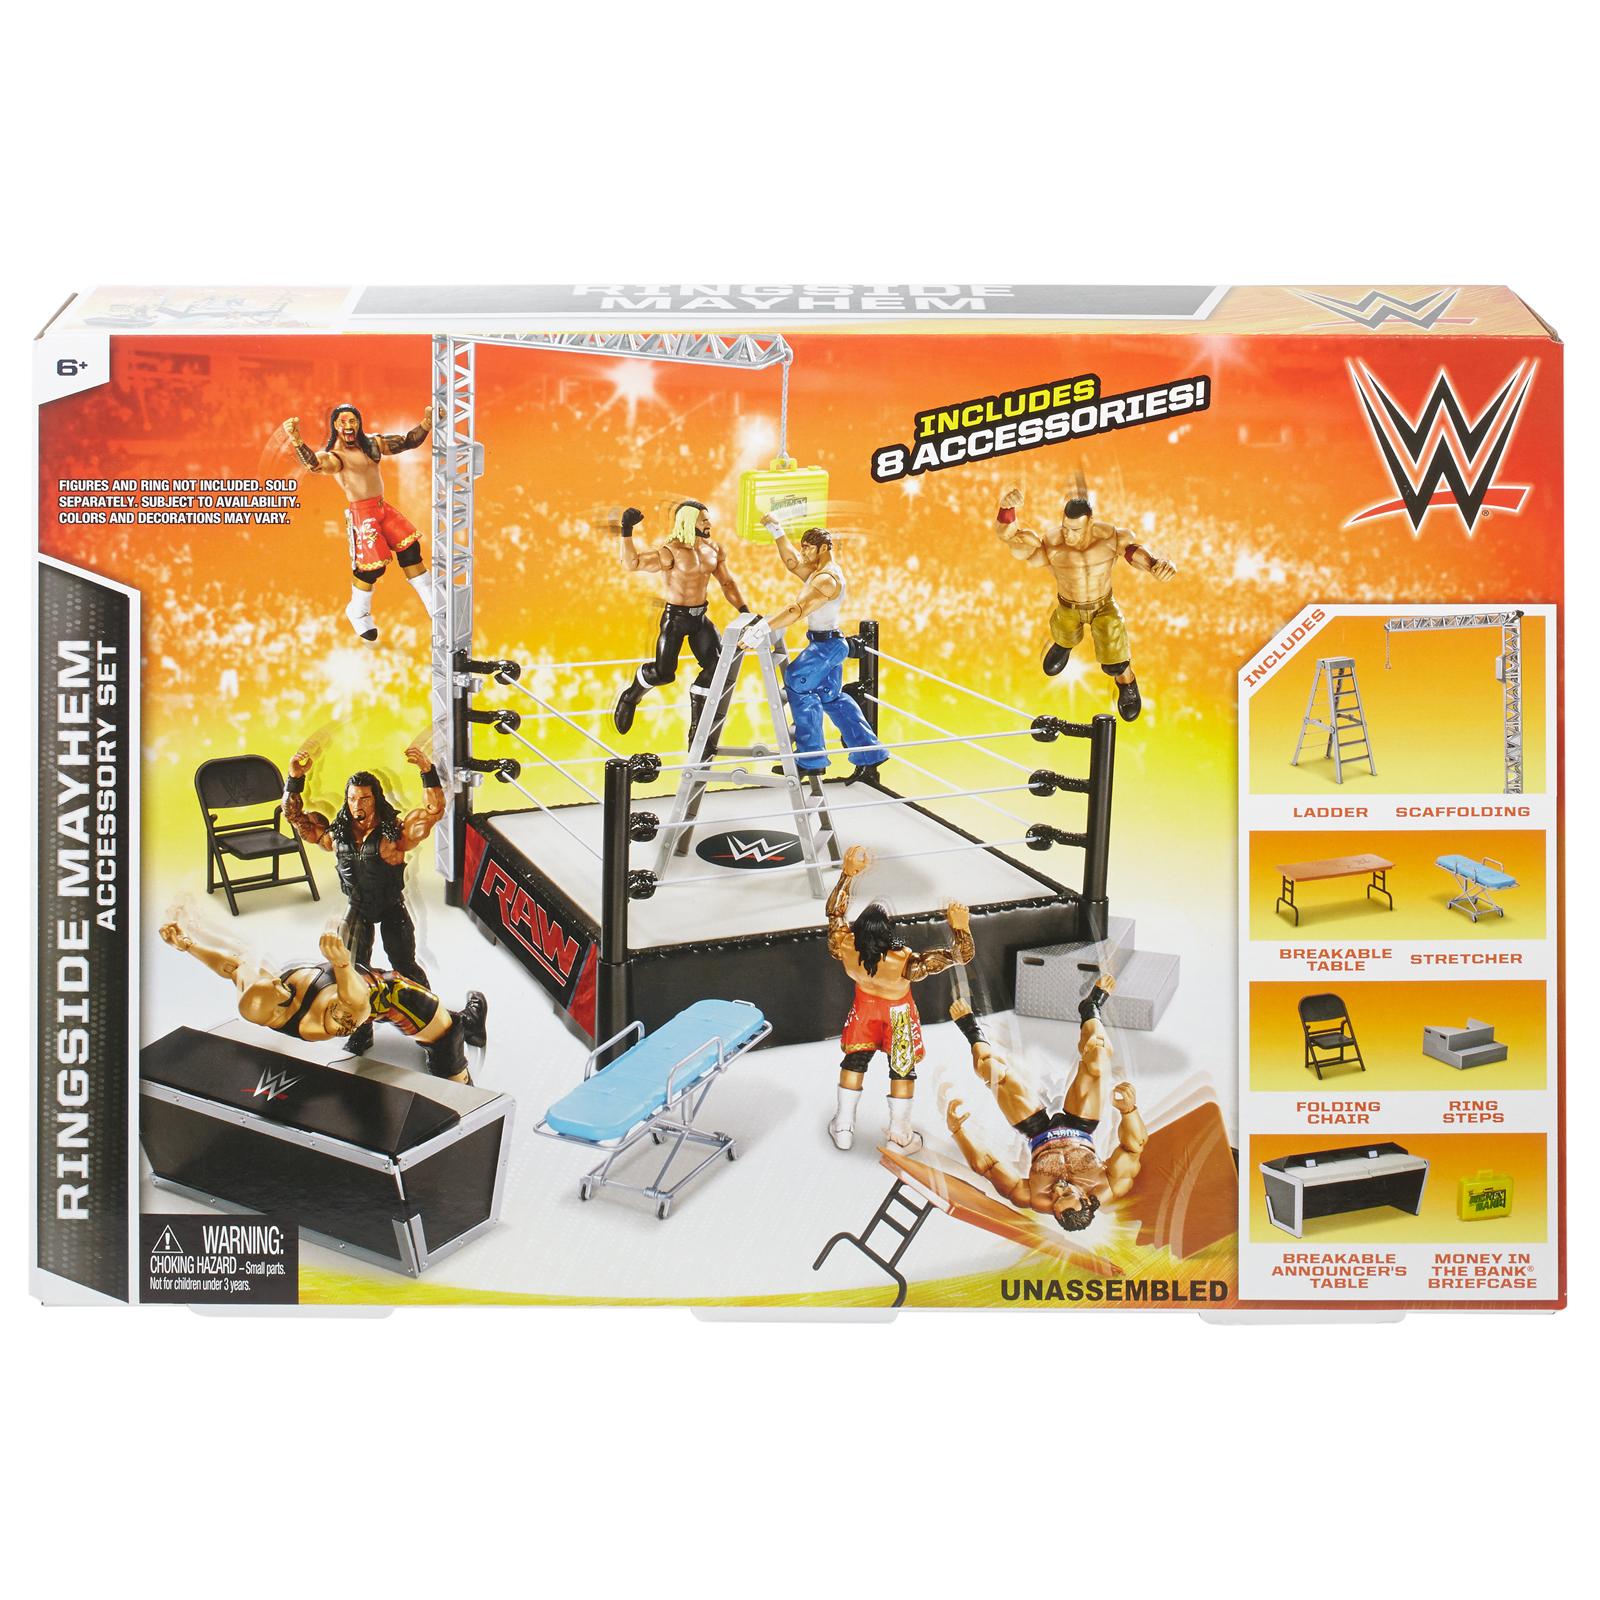 WWE Training Center Takedown(tm) - Ringside Mayhem PartNumber: 004W008023779004P KsnValue: 004W008023779004 MfgPartNumber: CJT21